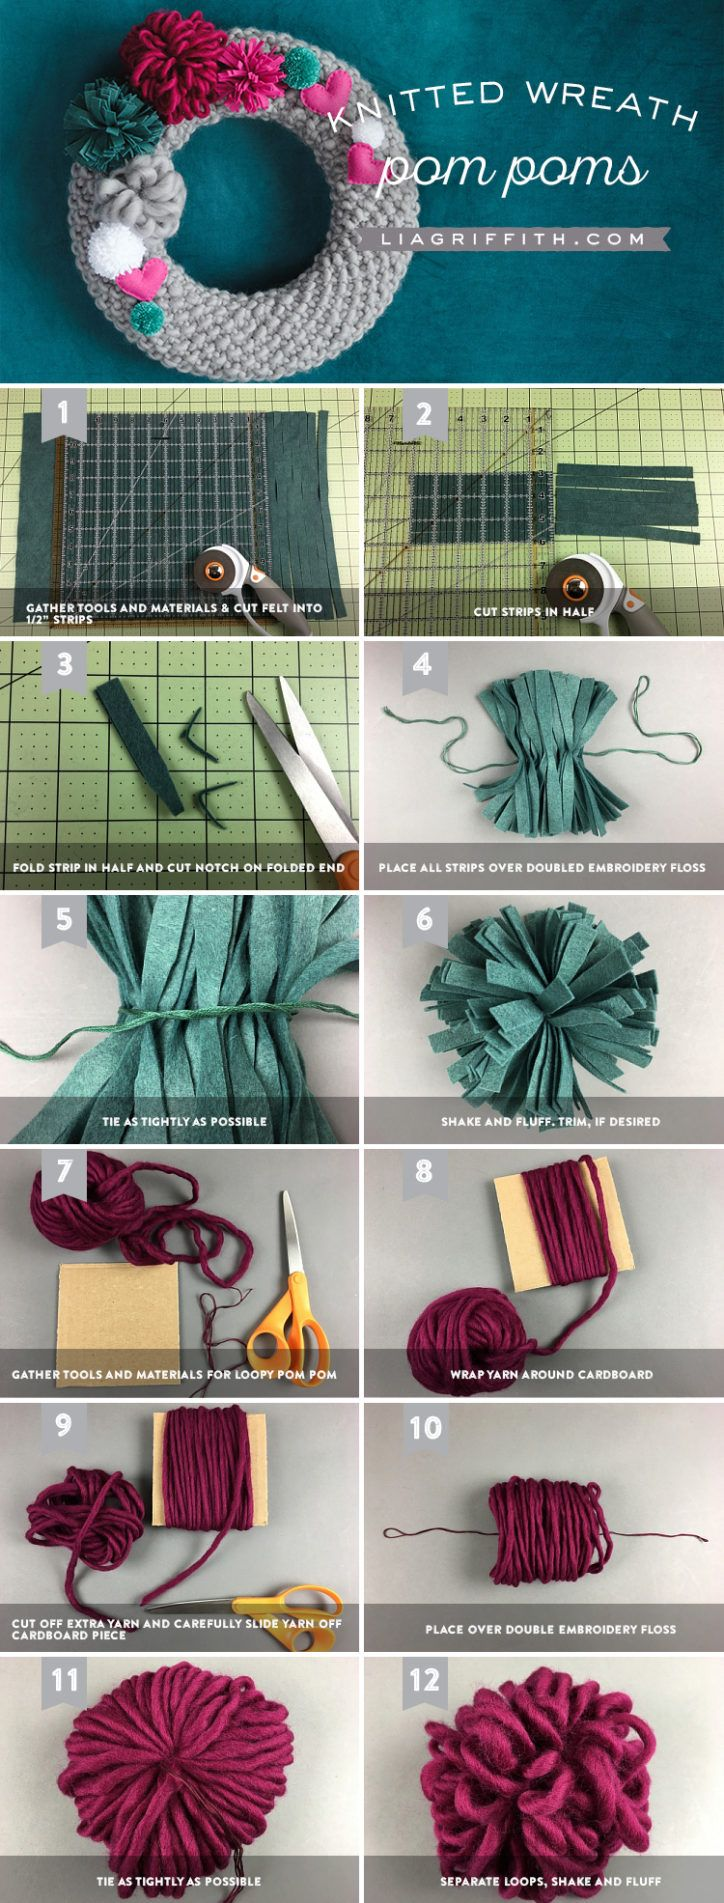 Knit Wreath with Yarn Pom Poms